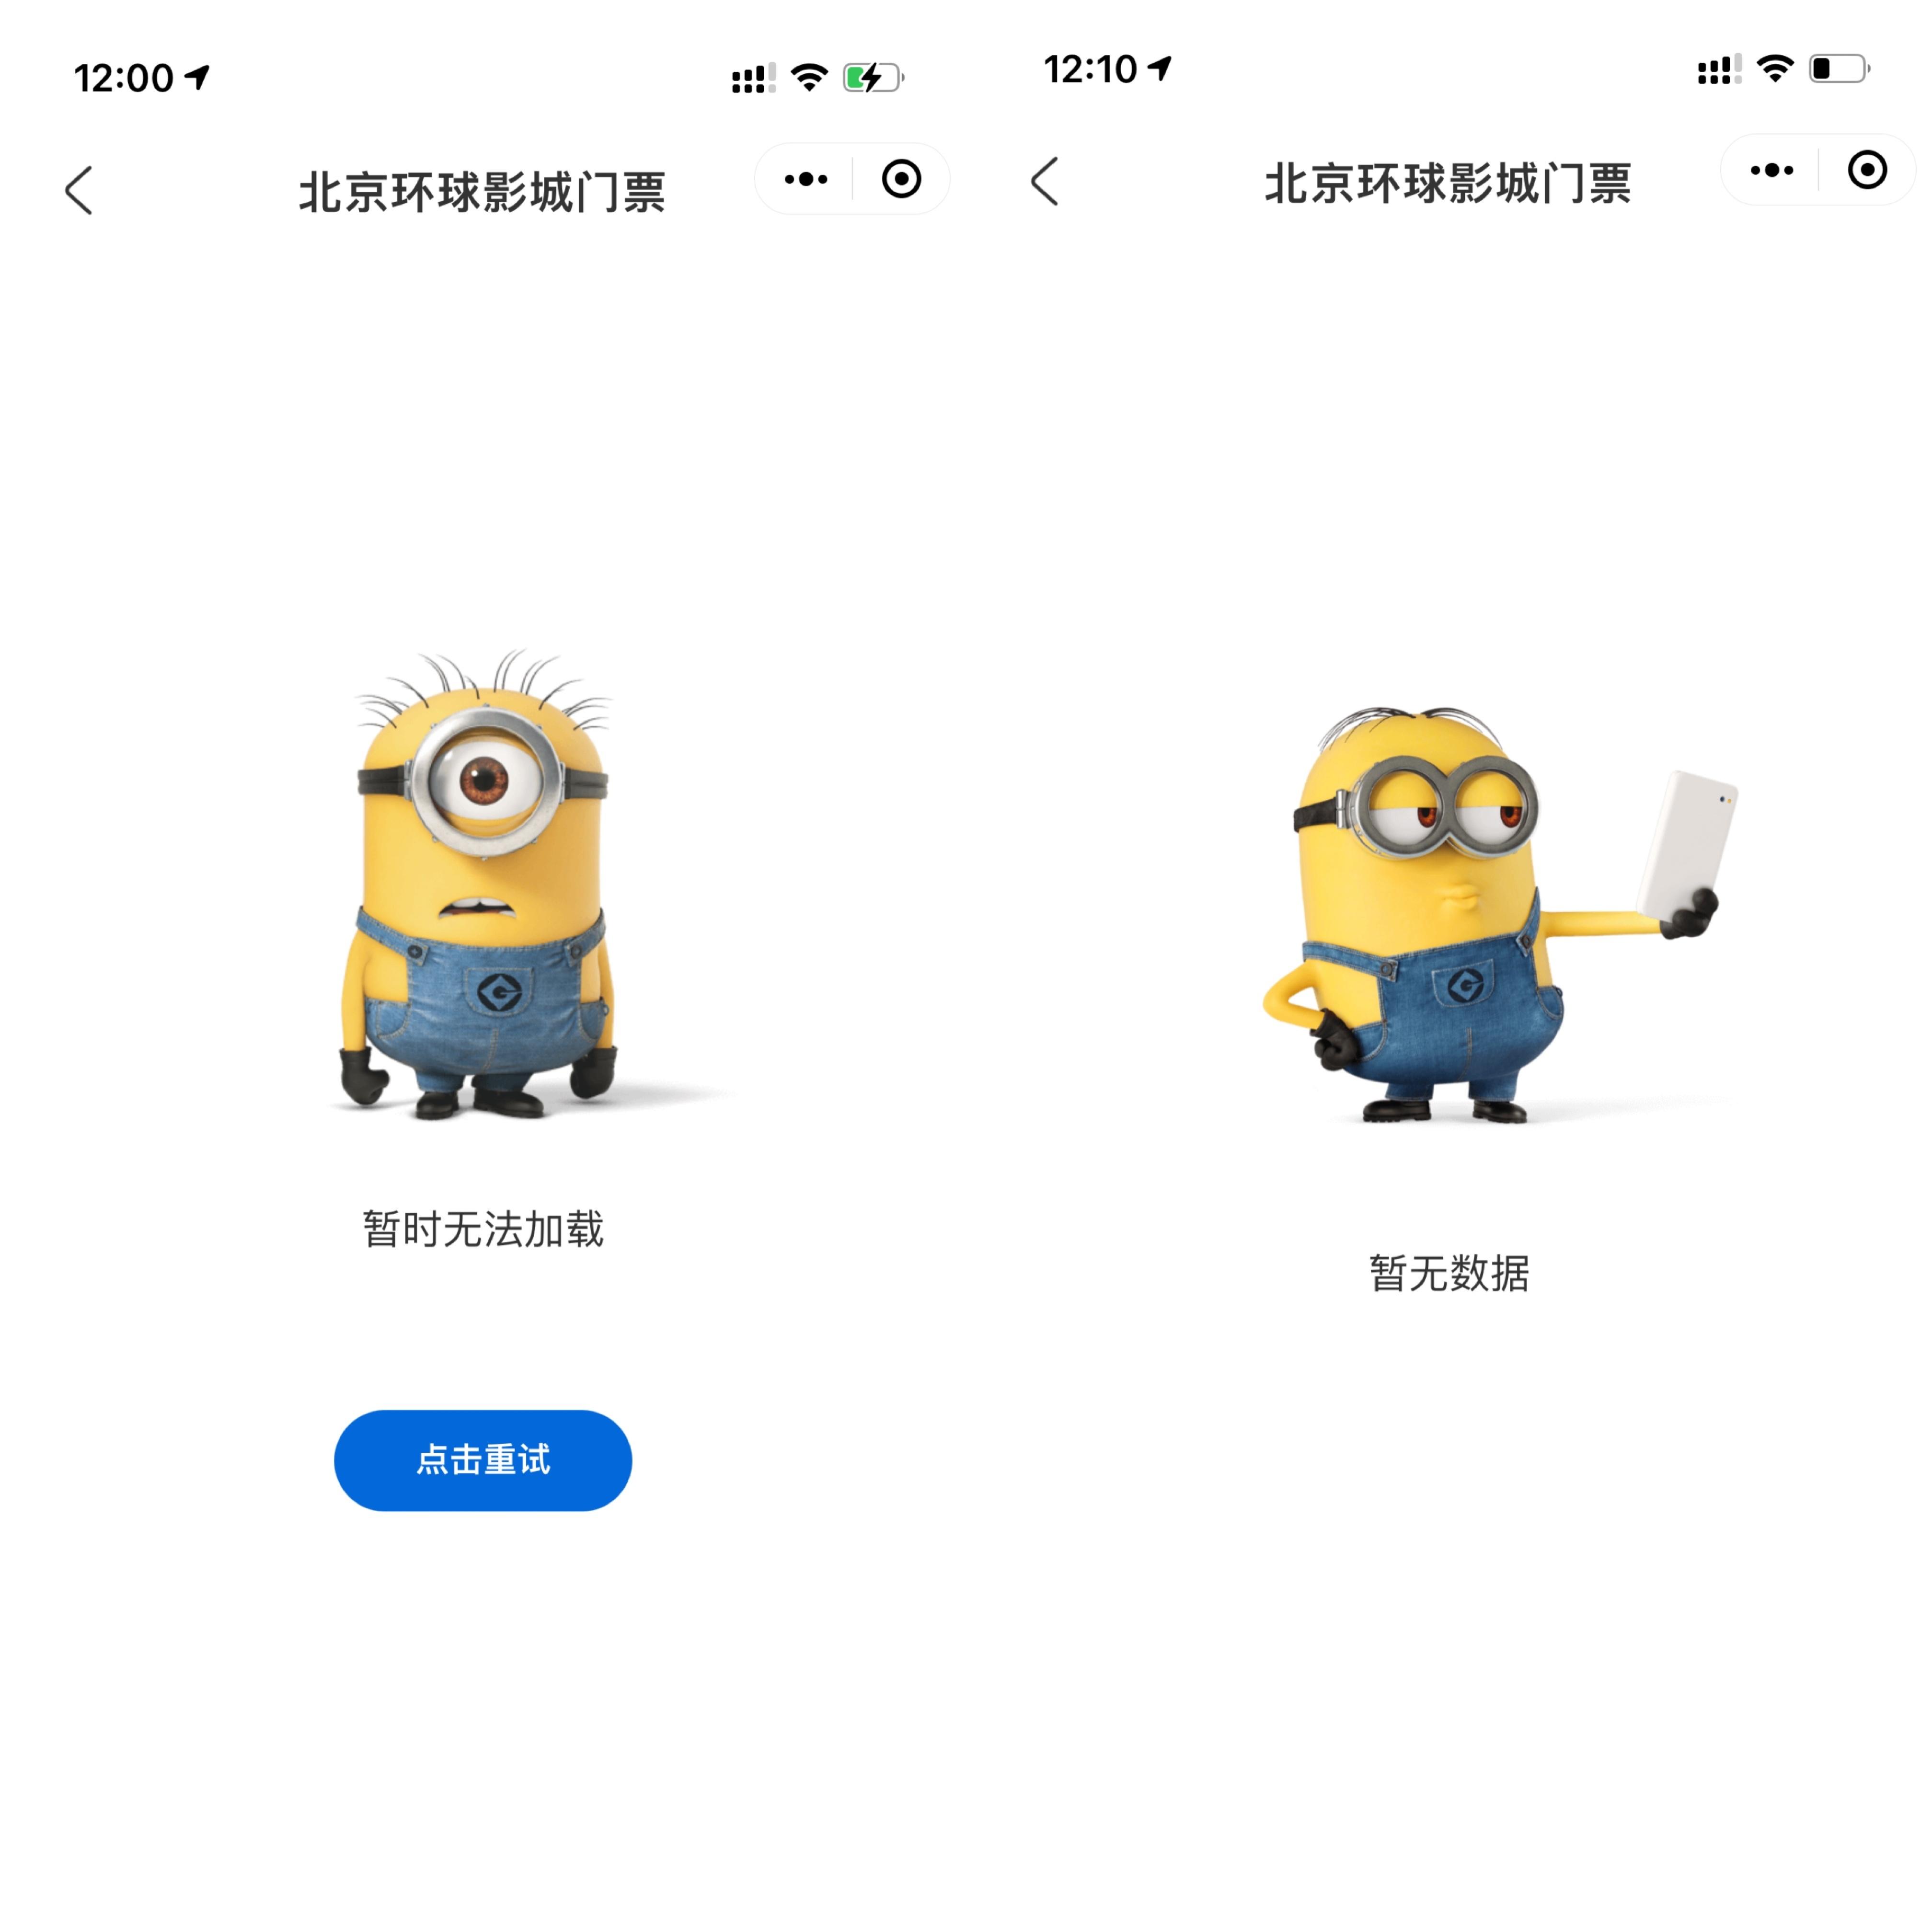 北京环球度假区官方App、微信小程序等官方购票平台一度无法显示。